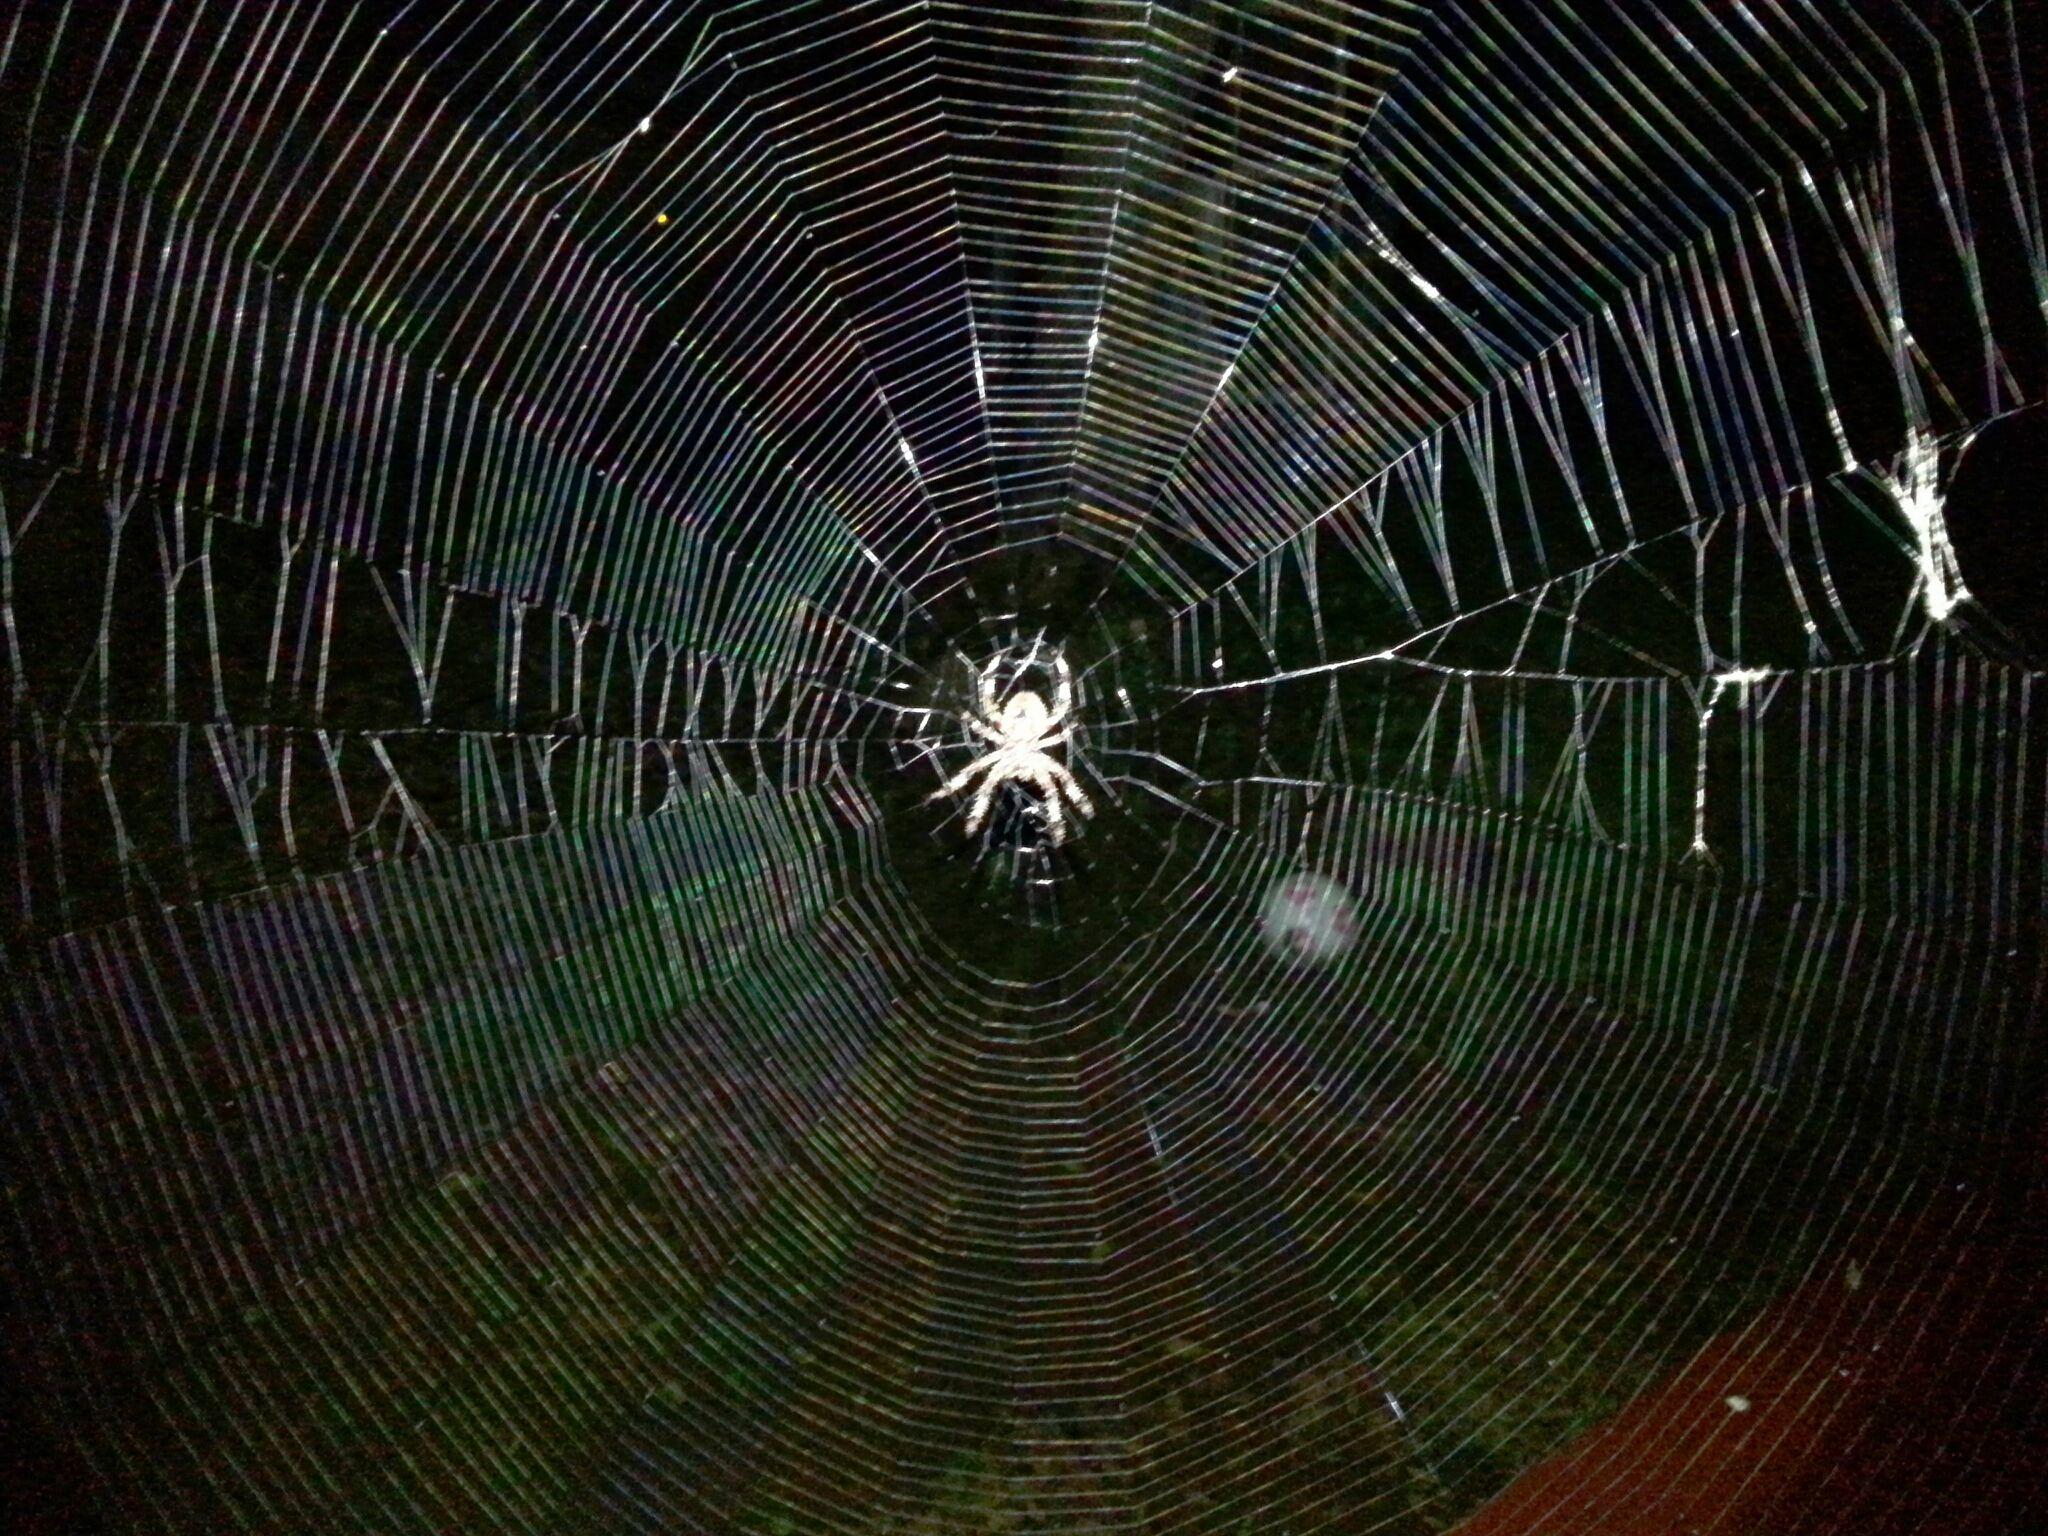 #spider #halloween #poisonous #creepy #web #spiderweb